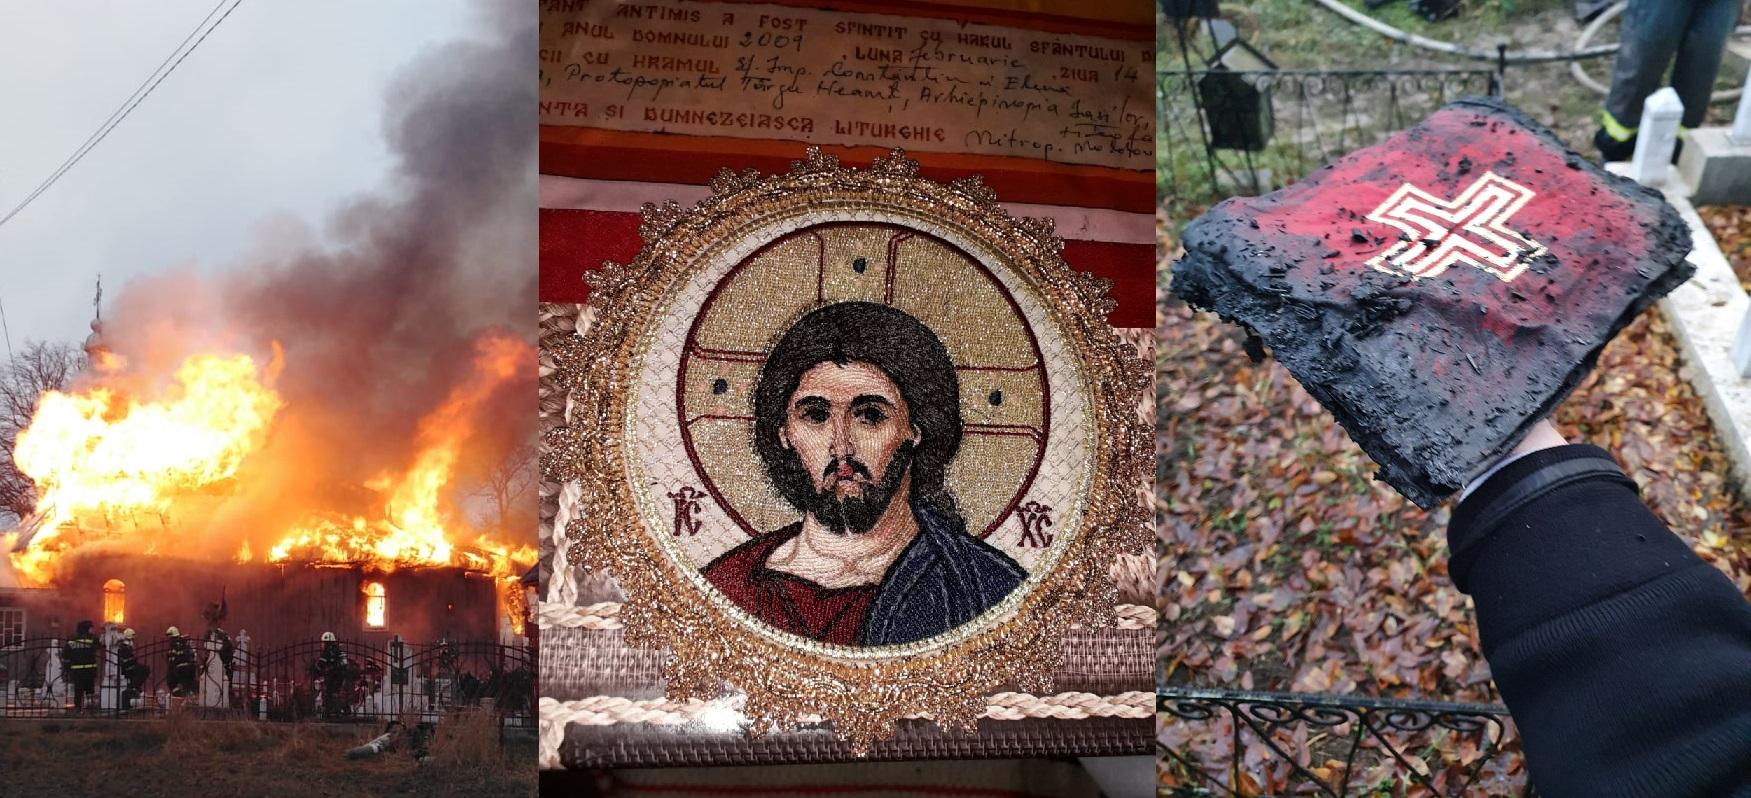 Mare este Dumnezeu! Minunea de la Râșca – Drăgănești: Antimisul Bisericii cu Icoana Mântuitorului a rămas nears după un incendiu care a topit și clopotele